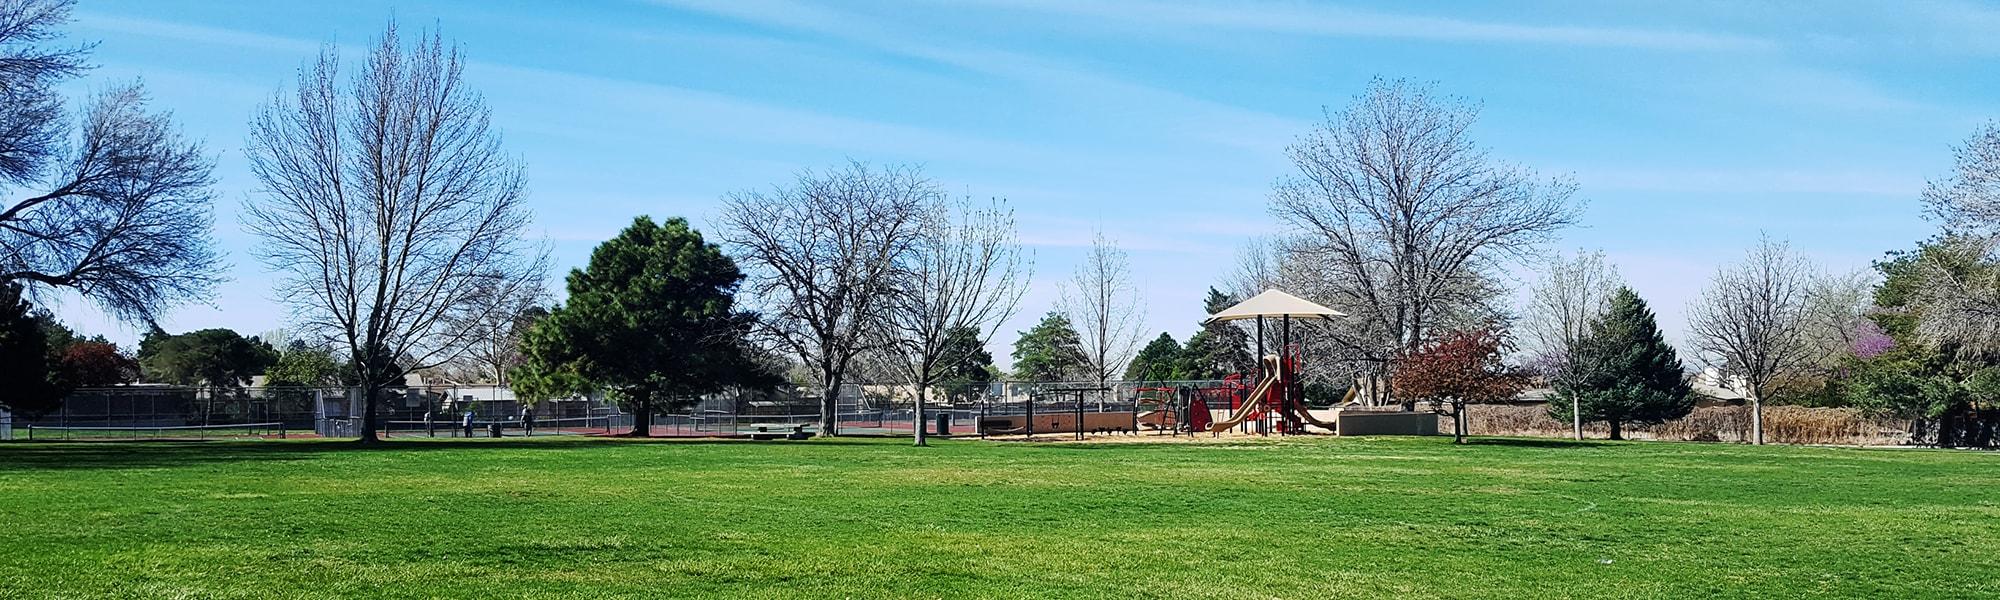 Academy Acres Albuquerque